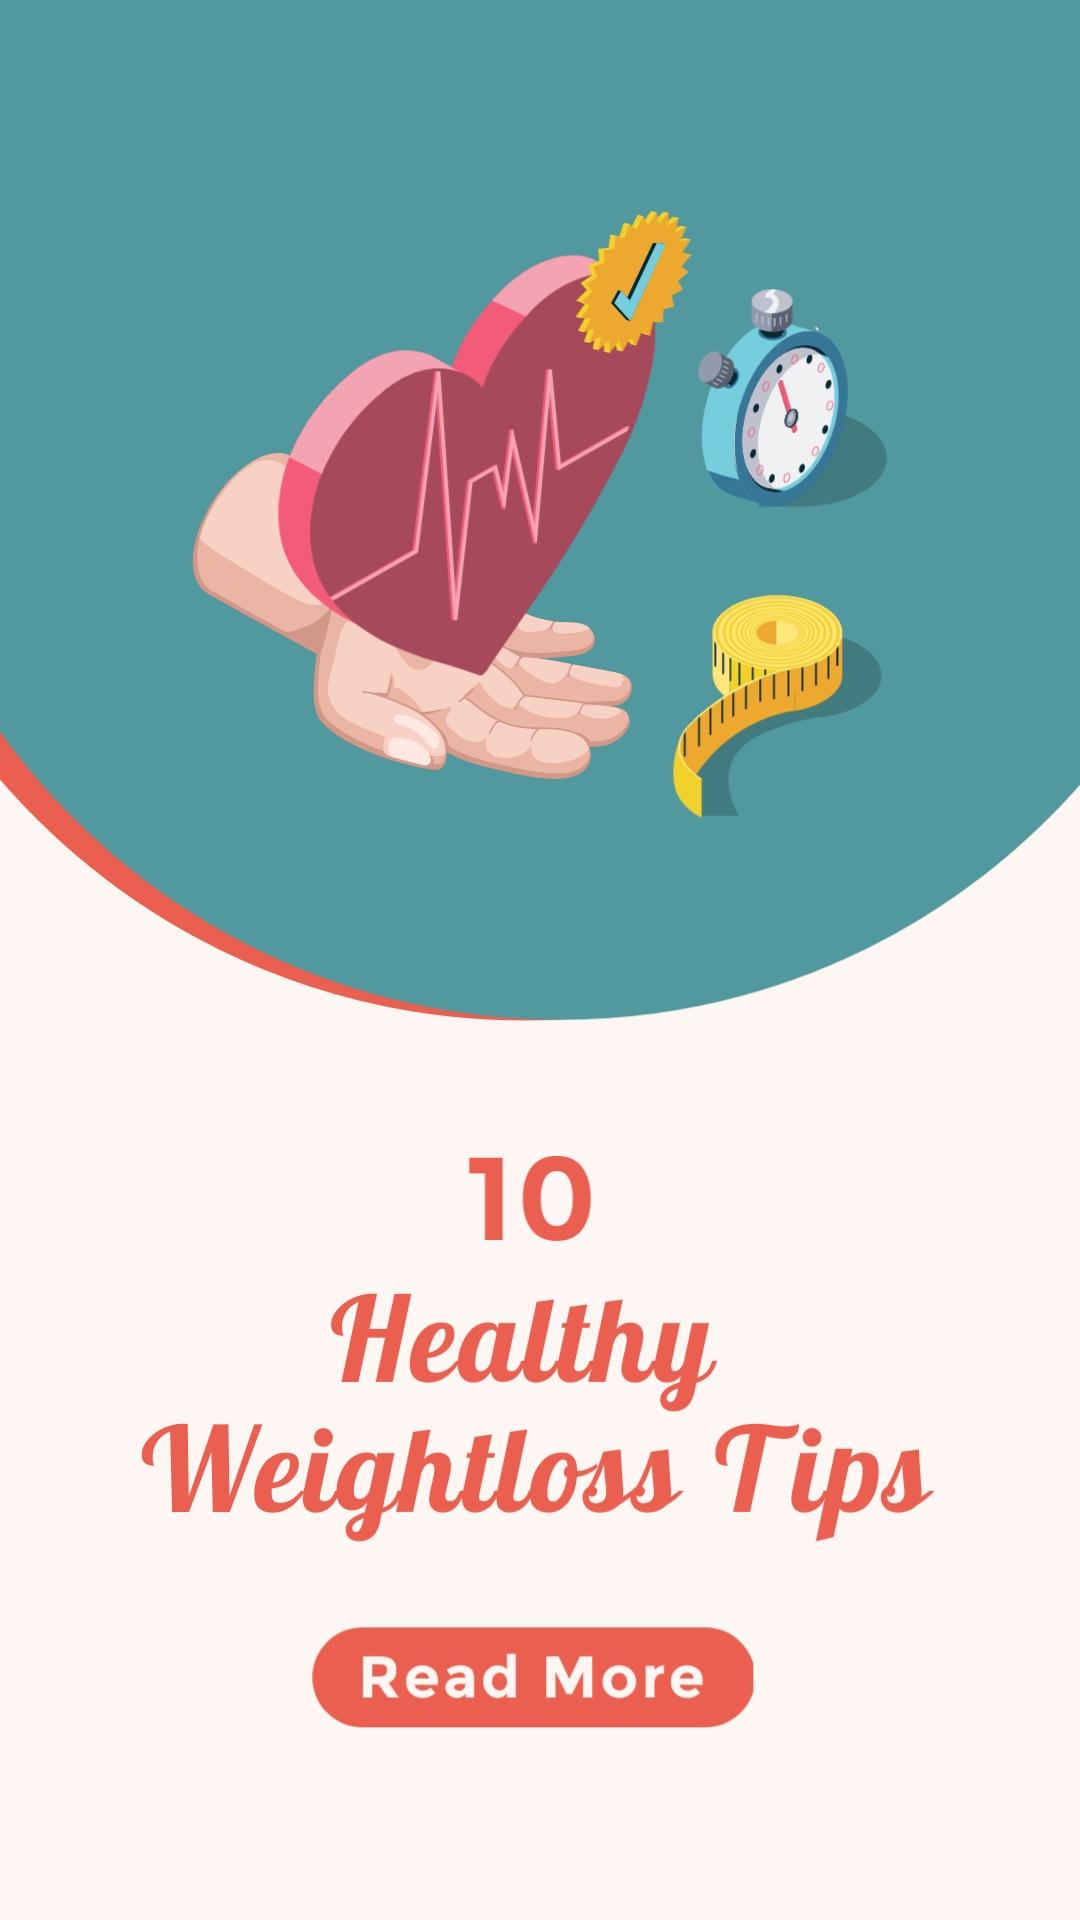 Weightloss Tips Vertical Template